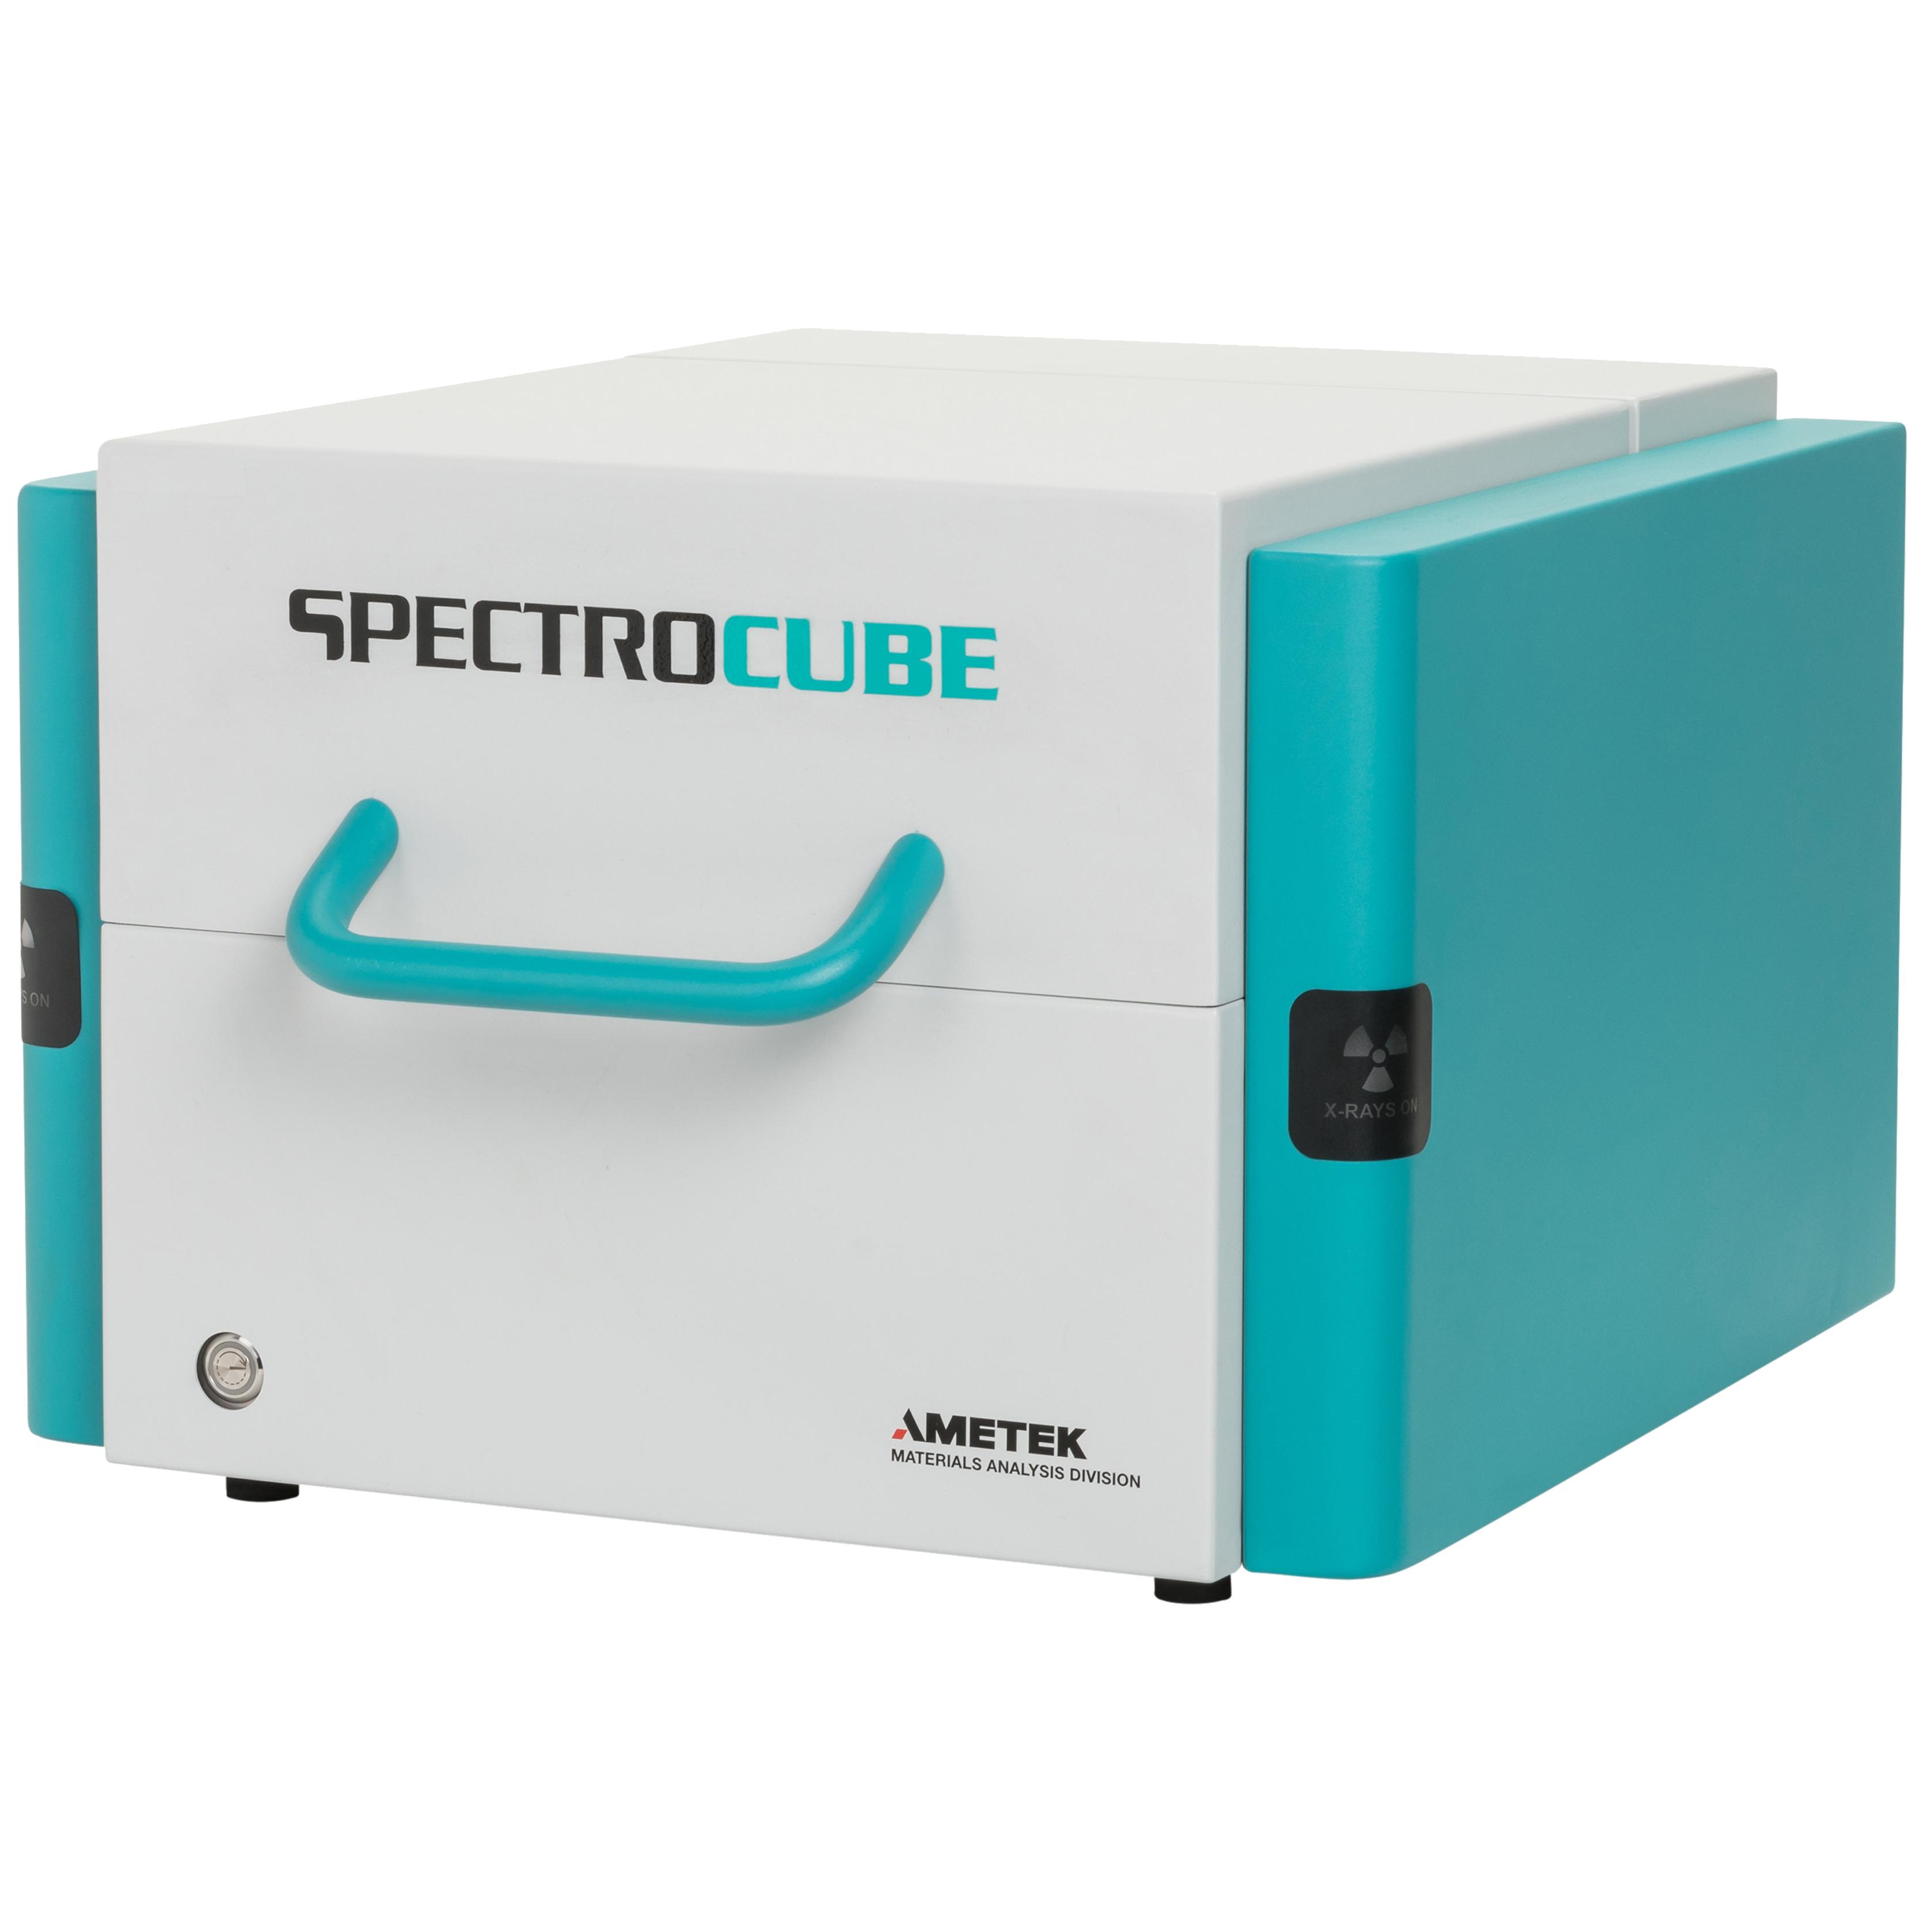 Espectrómetro SpectroCube